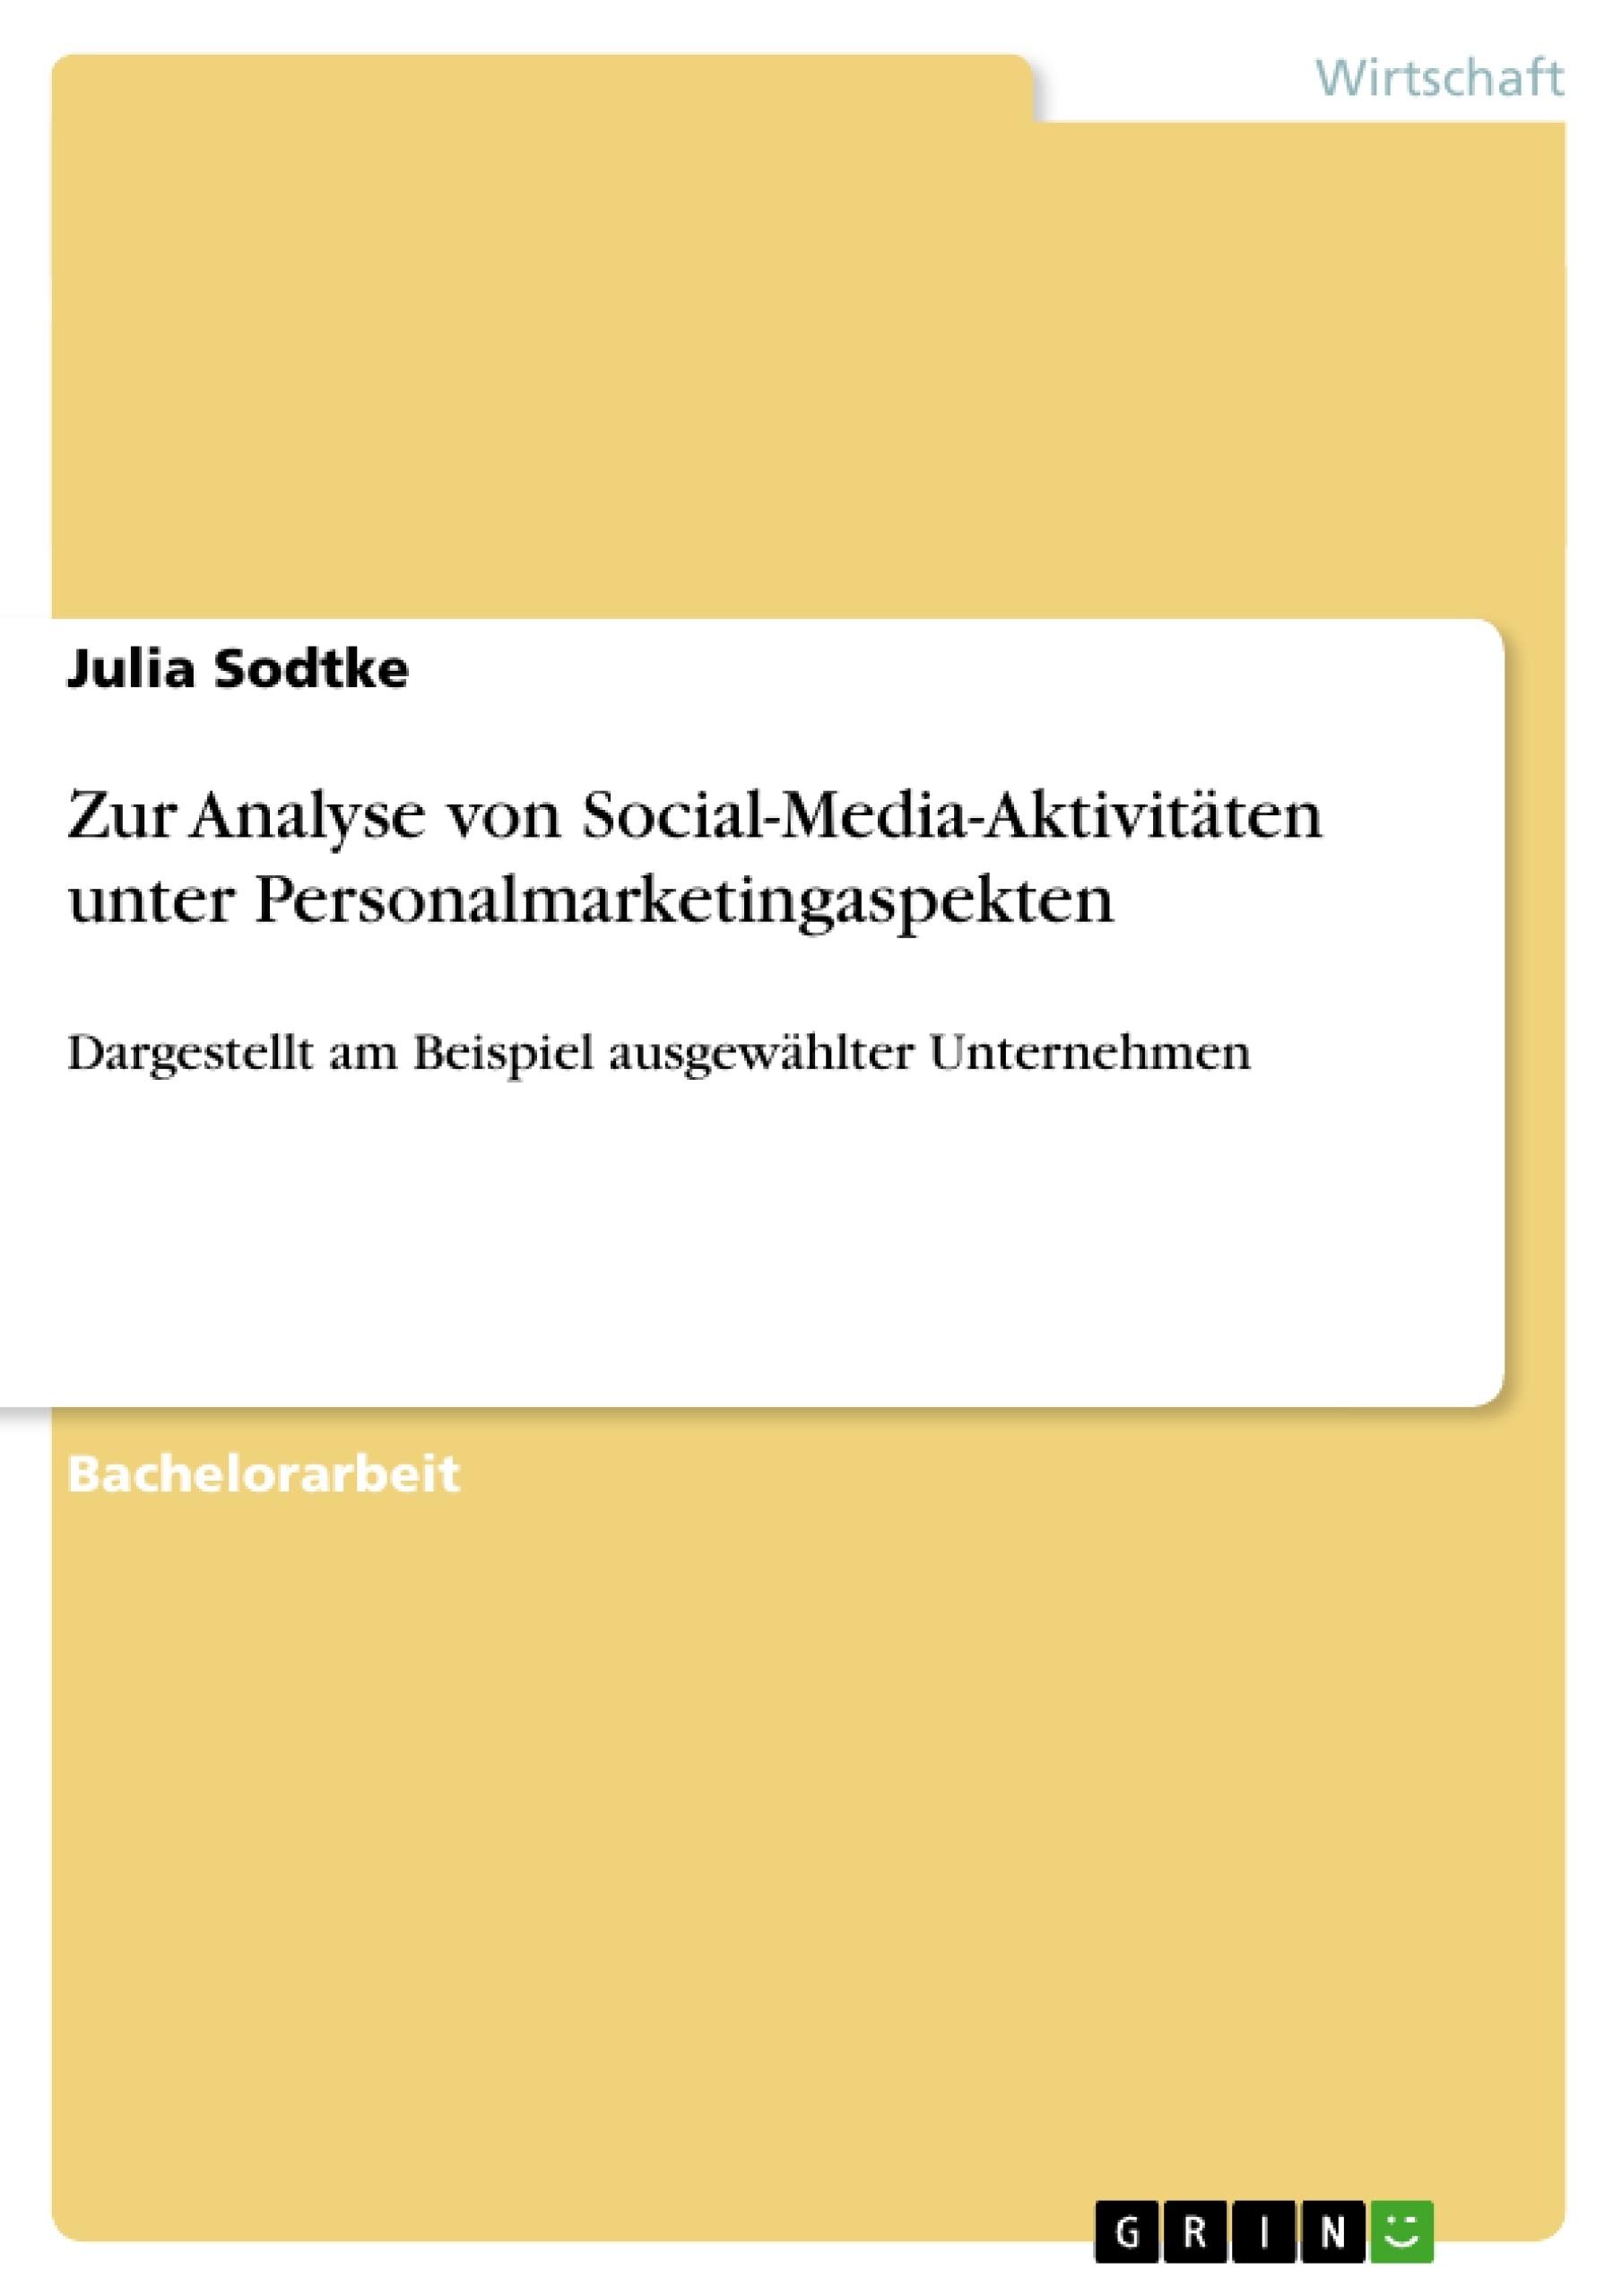 Titel: Zur Analyse von Social-Media-Aktivitäten unter Personalmarketingaspekten